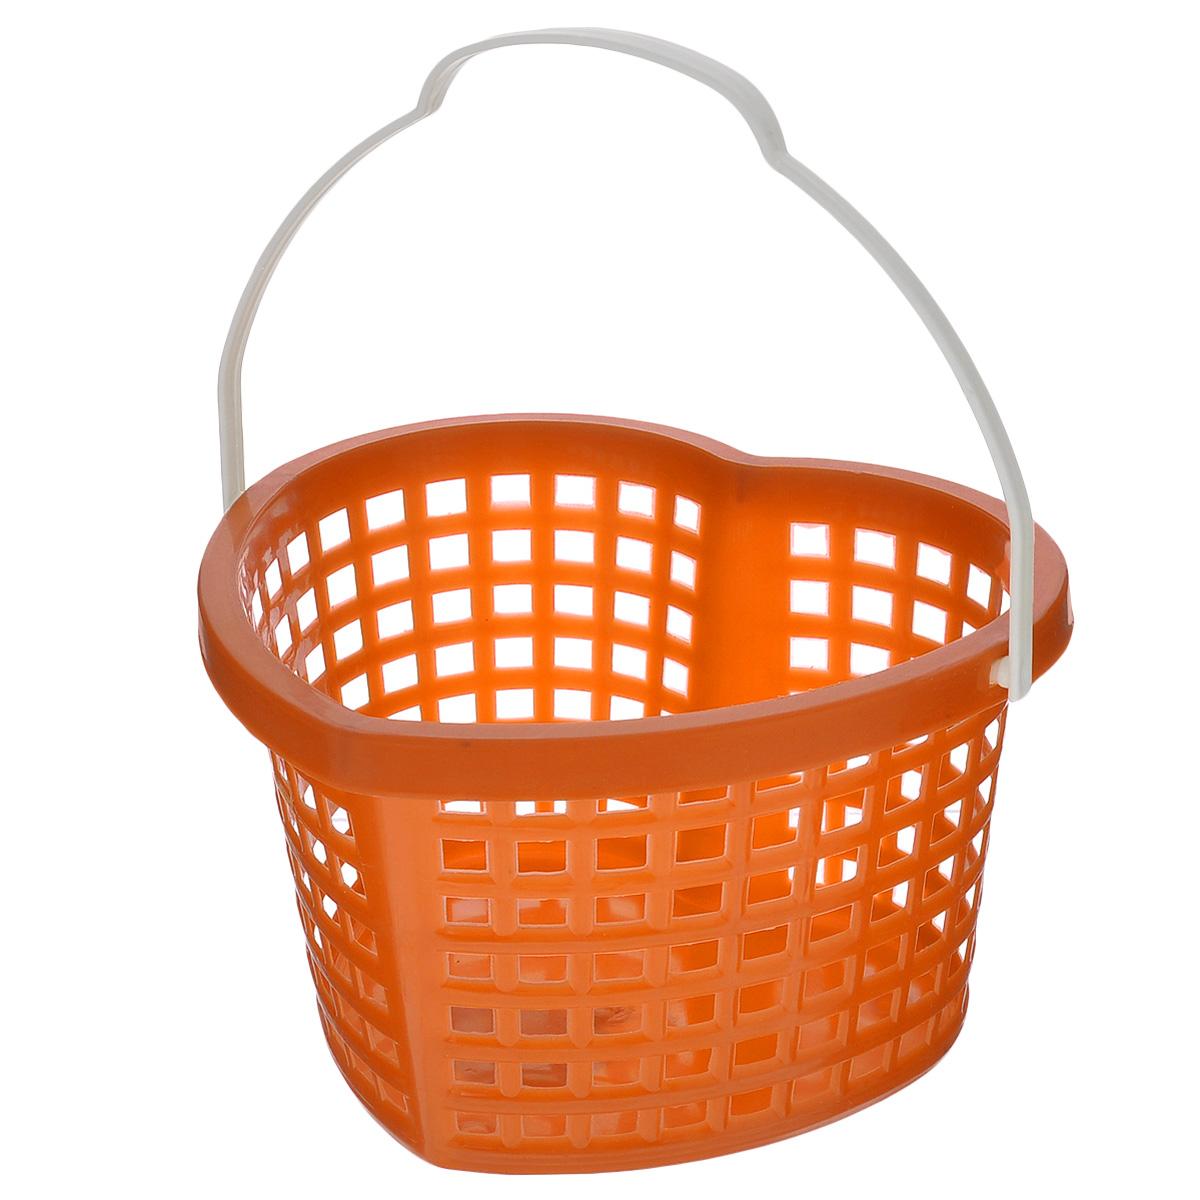 Корзина Sima-land Сердце, цвет: оранжевый, 19 см х 17 см х 12 см185378_оранжевыйКорзина Sima-land Сердце, изготовленная из высококачественного прочного пластика, предназначена для хранения мелочей в ванной, на кухне, даче или гараже. Изделие выполнено в виде сердца и оснащено эргономичной ручкой для переноски. Это легкая корзина со сплошным дном, жесткой кромкой и небольшими отверстиями, которая позволяет хранить мелкие вещи, исключая возможность их потери.